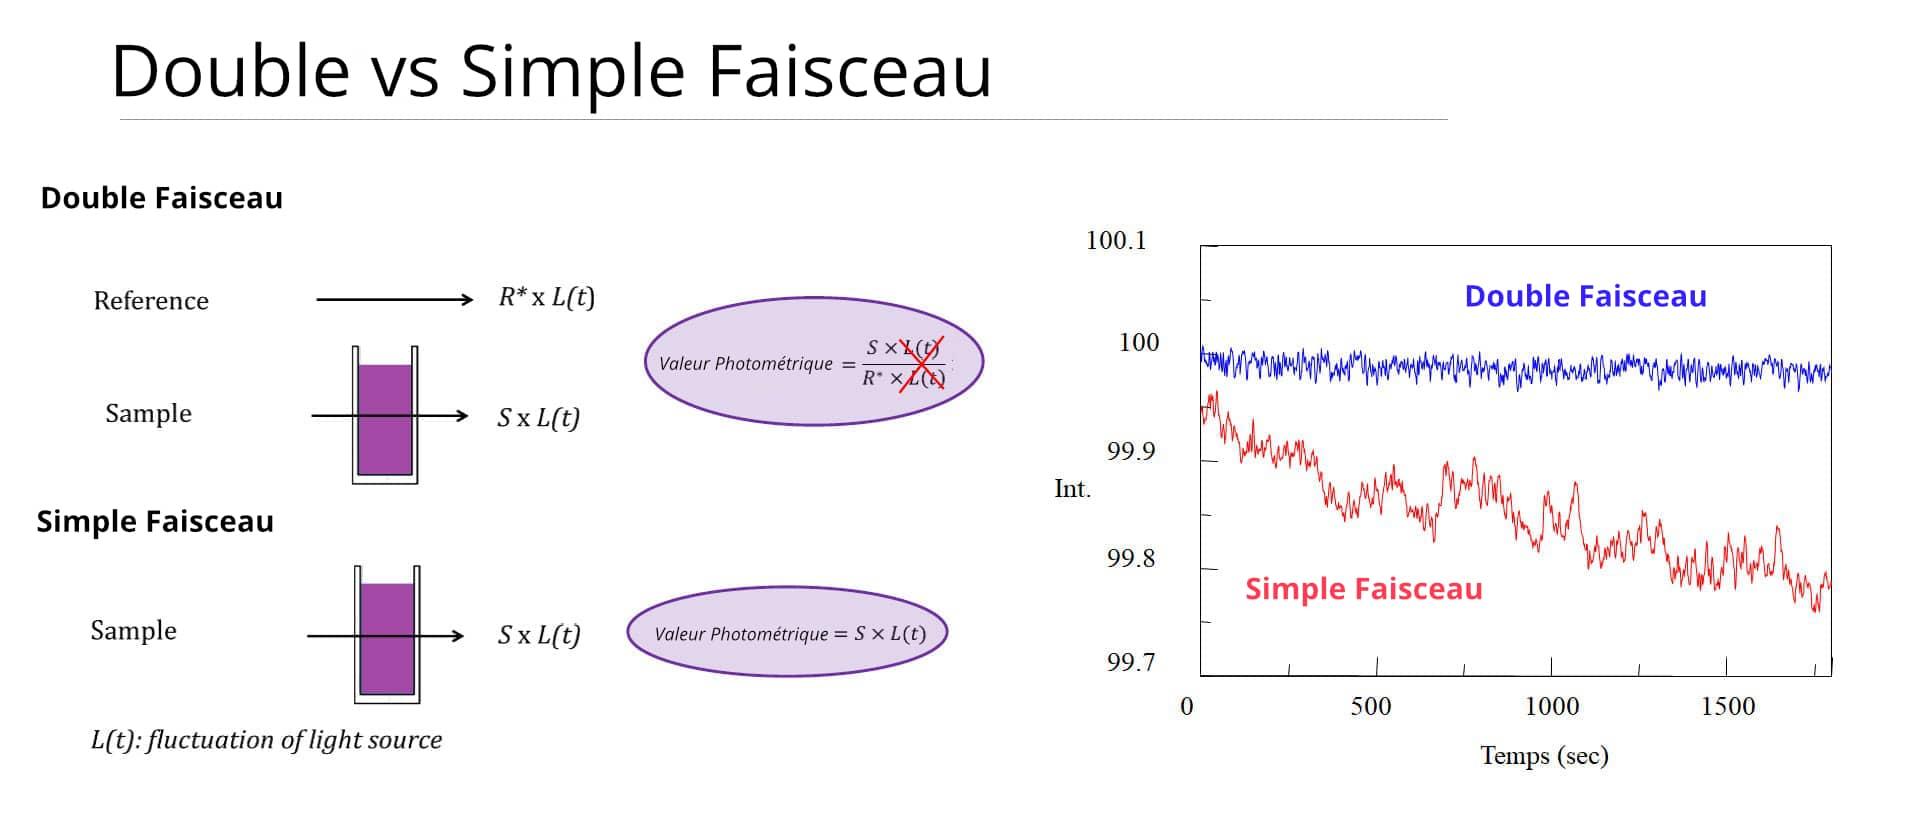 spectrophotometre-uv-visiblie-simple-double-faisceau